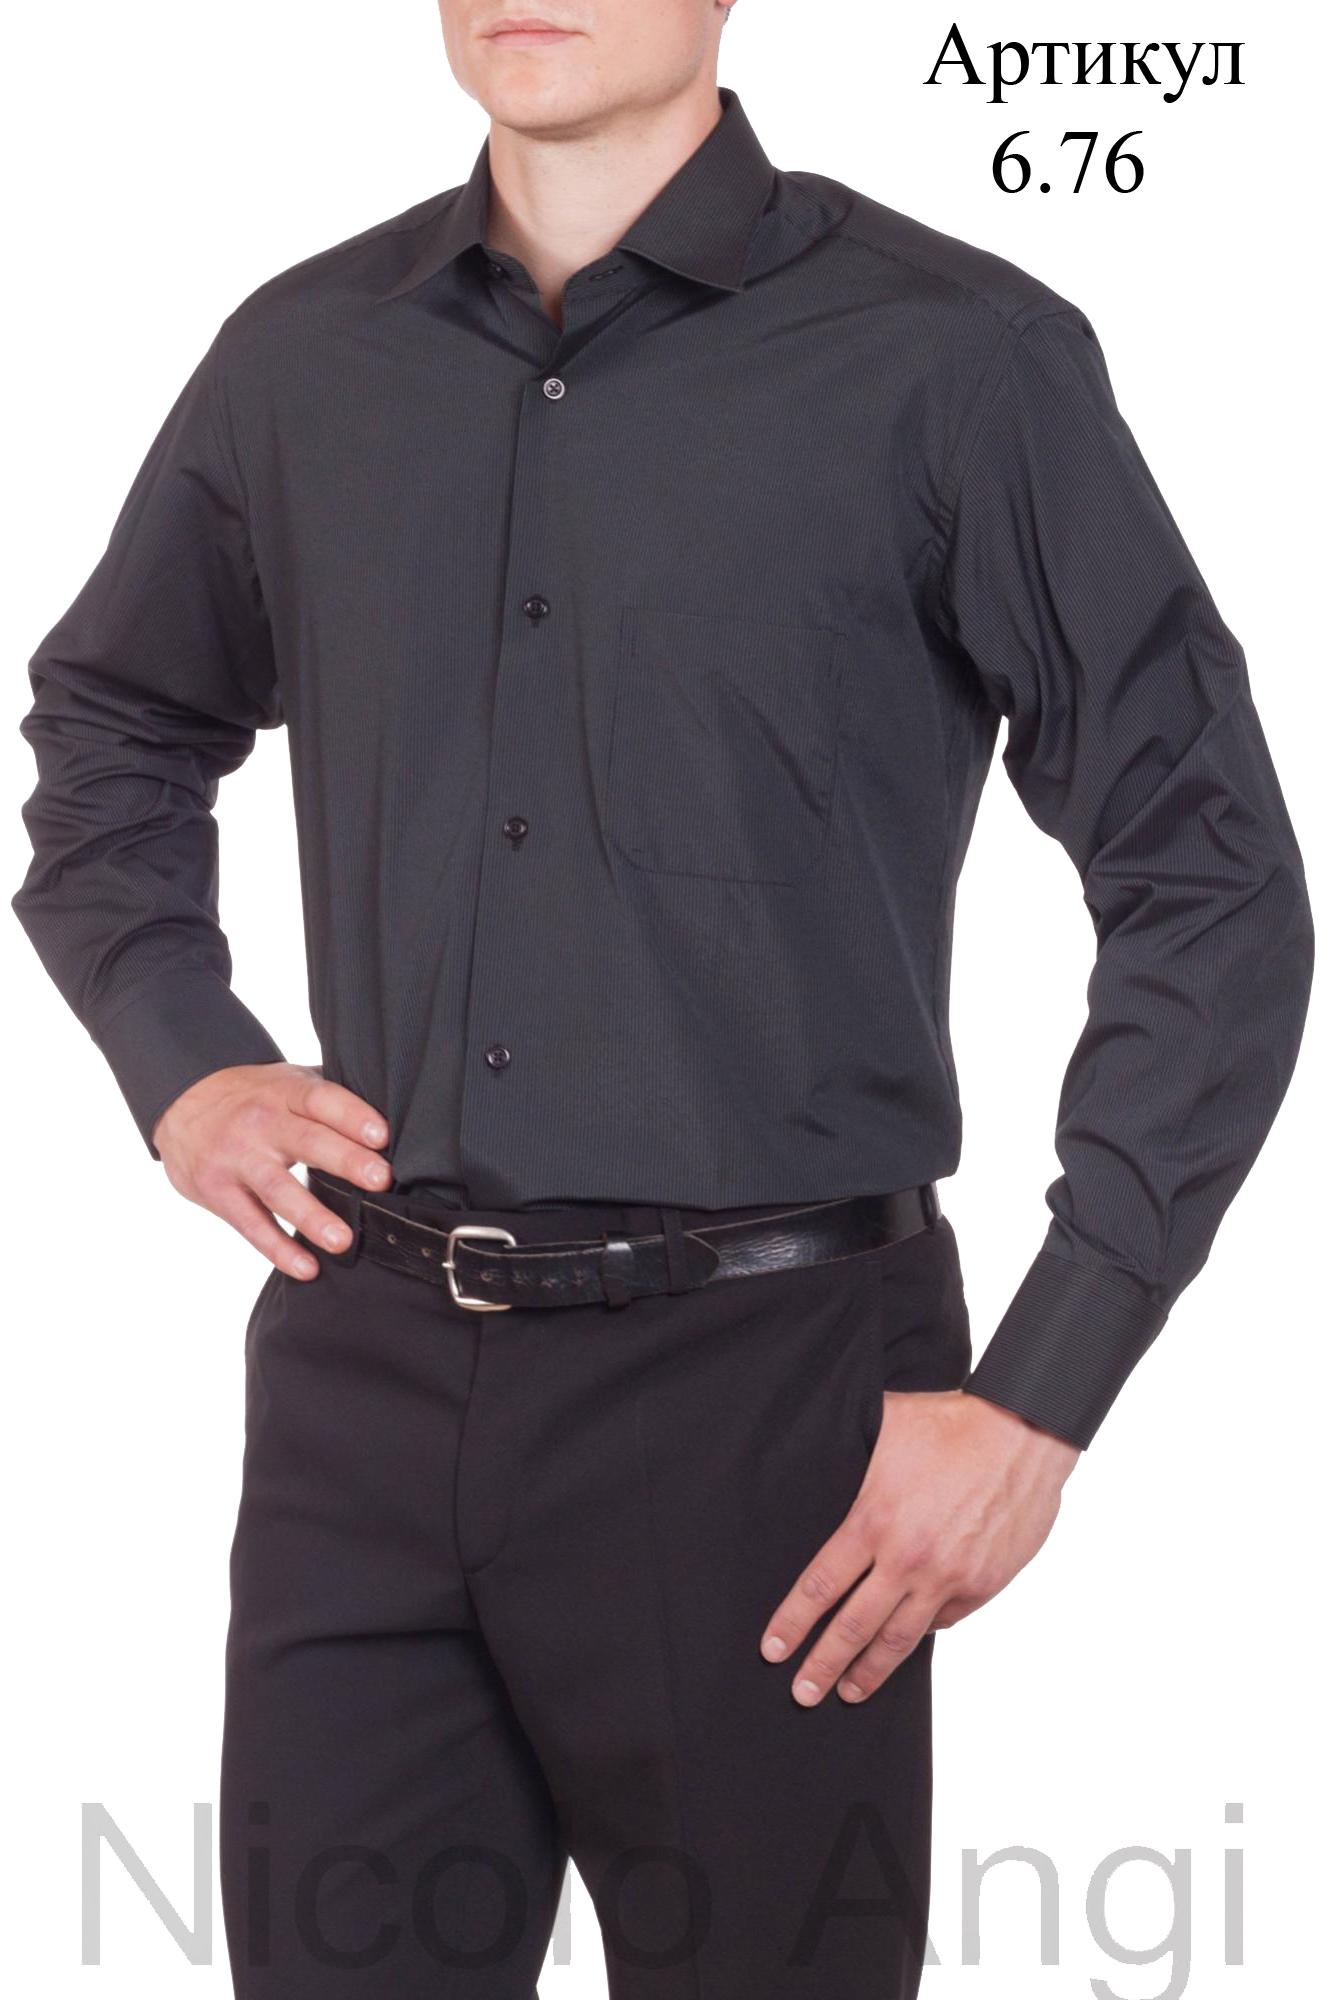 Мужские сорочки Nicolo Angi! большой выбор!